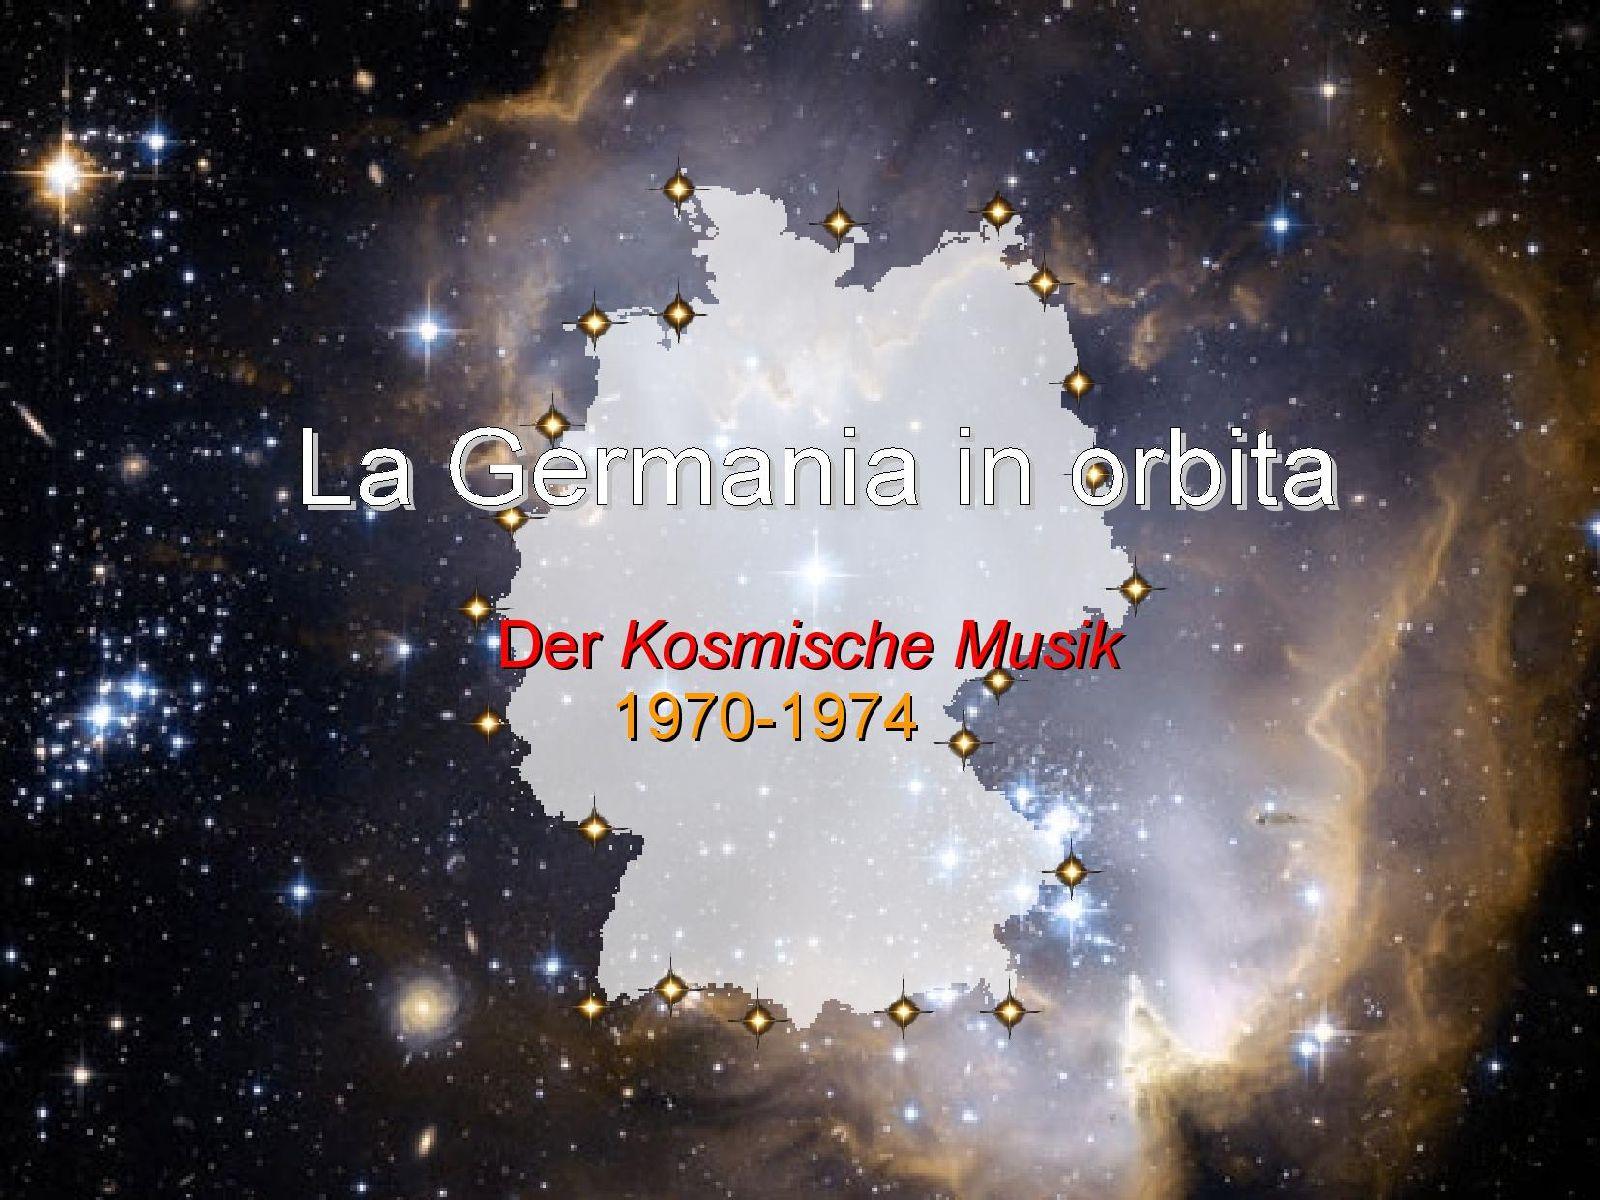 La musica cosmica